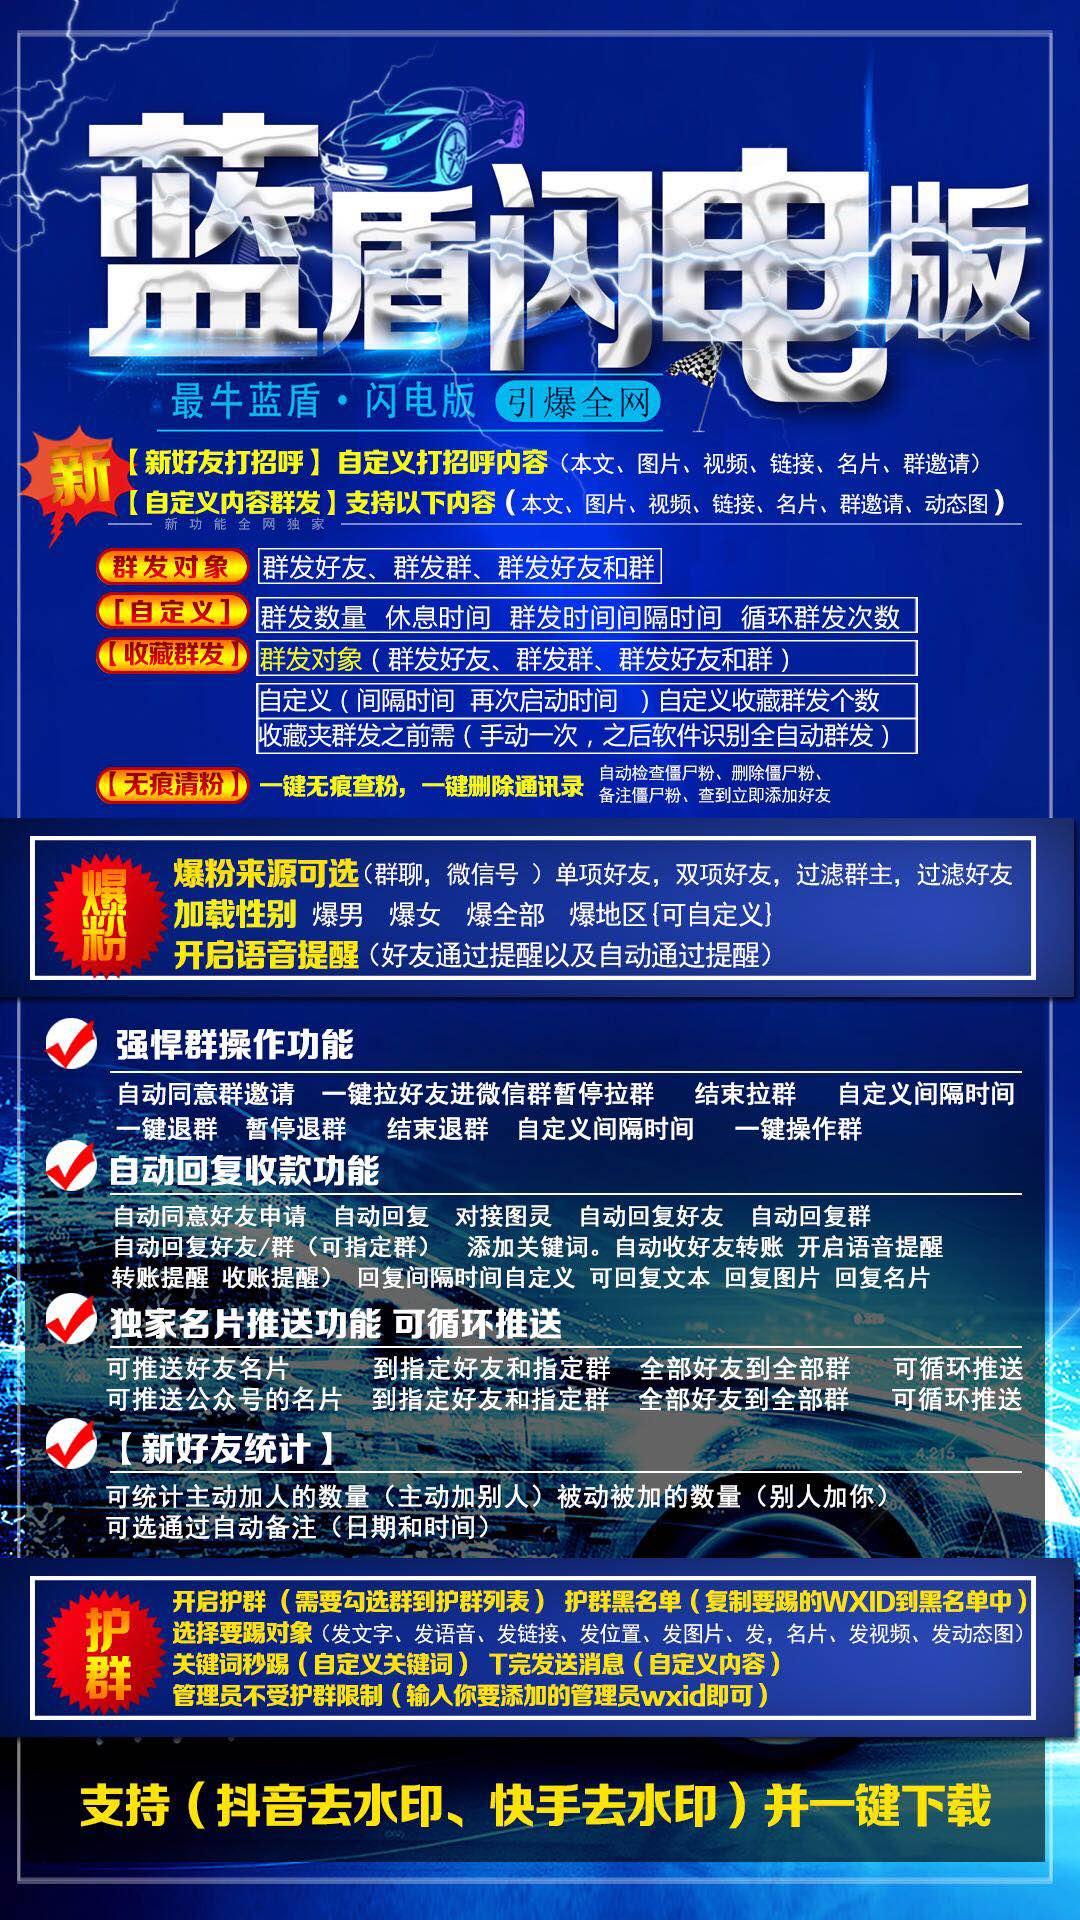 蓝盾闪电版3.0最新版哪里下载?蓝盾微信无限爆粉软件正版